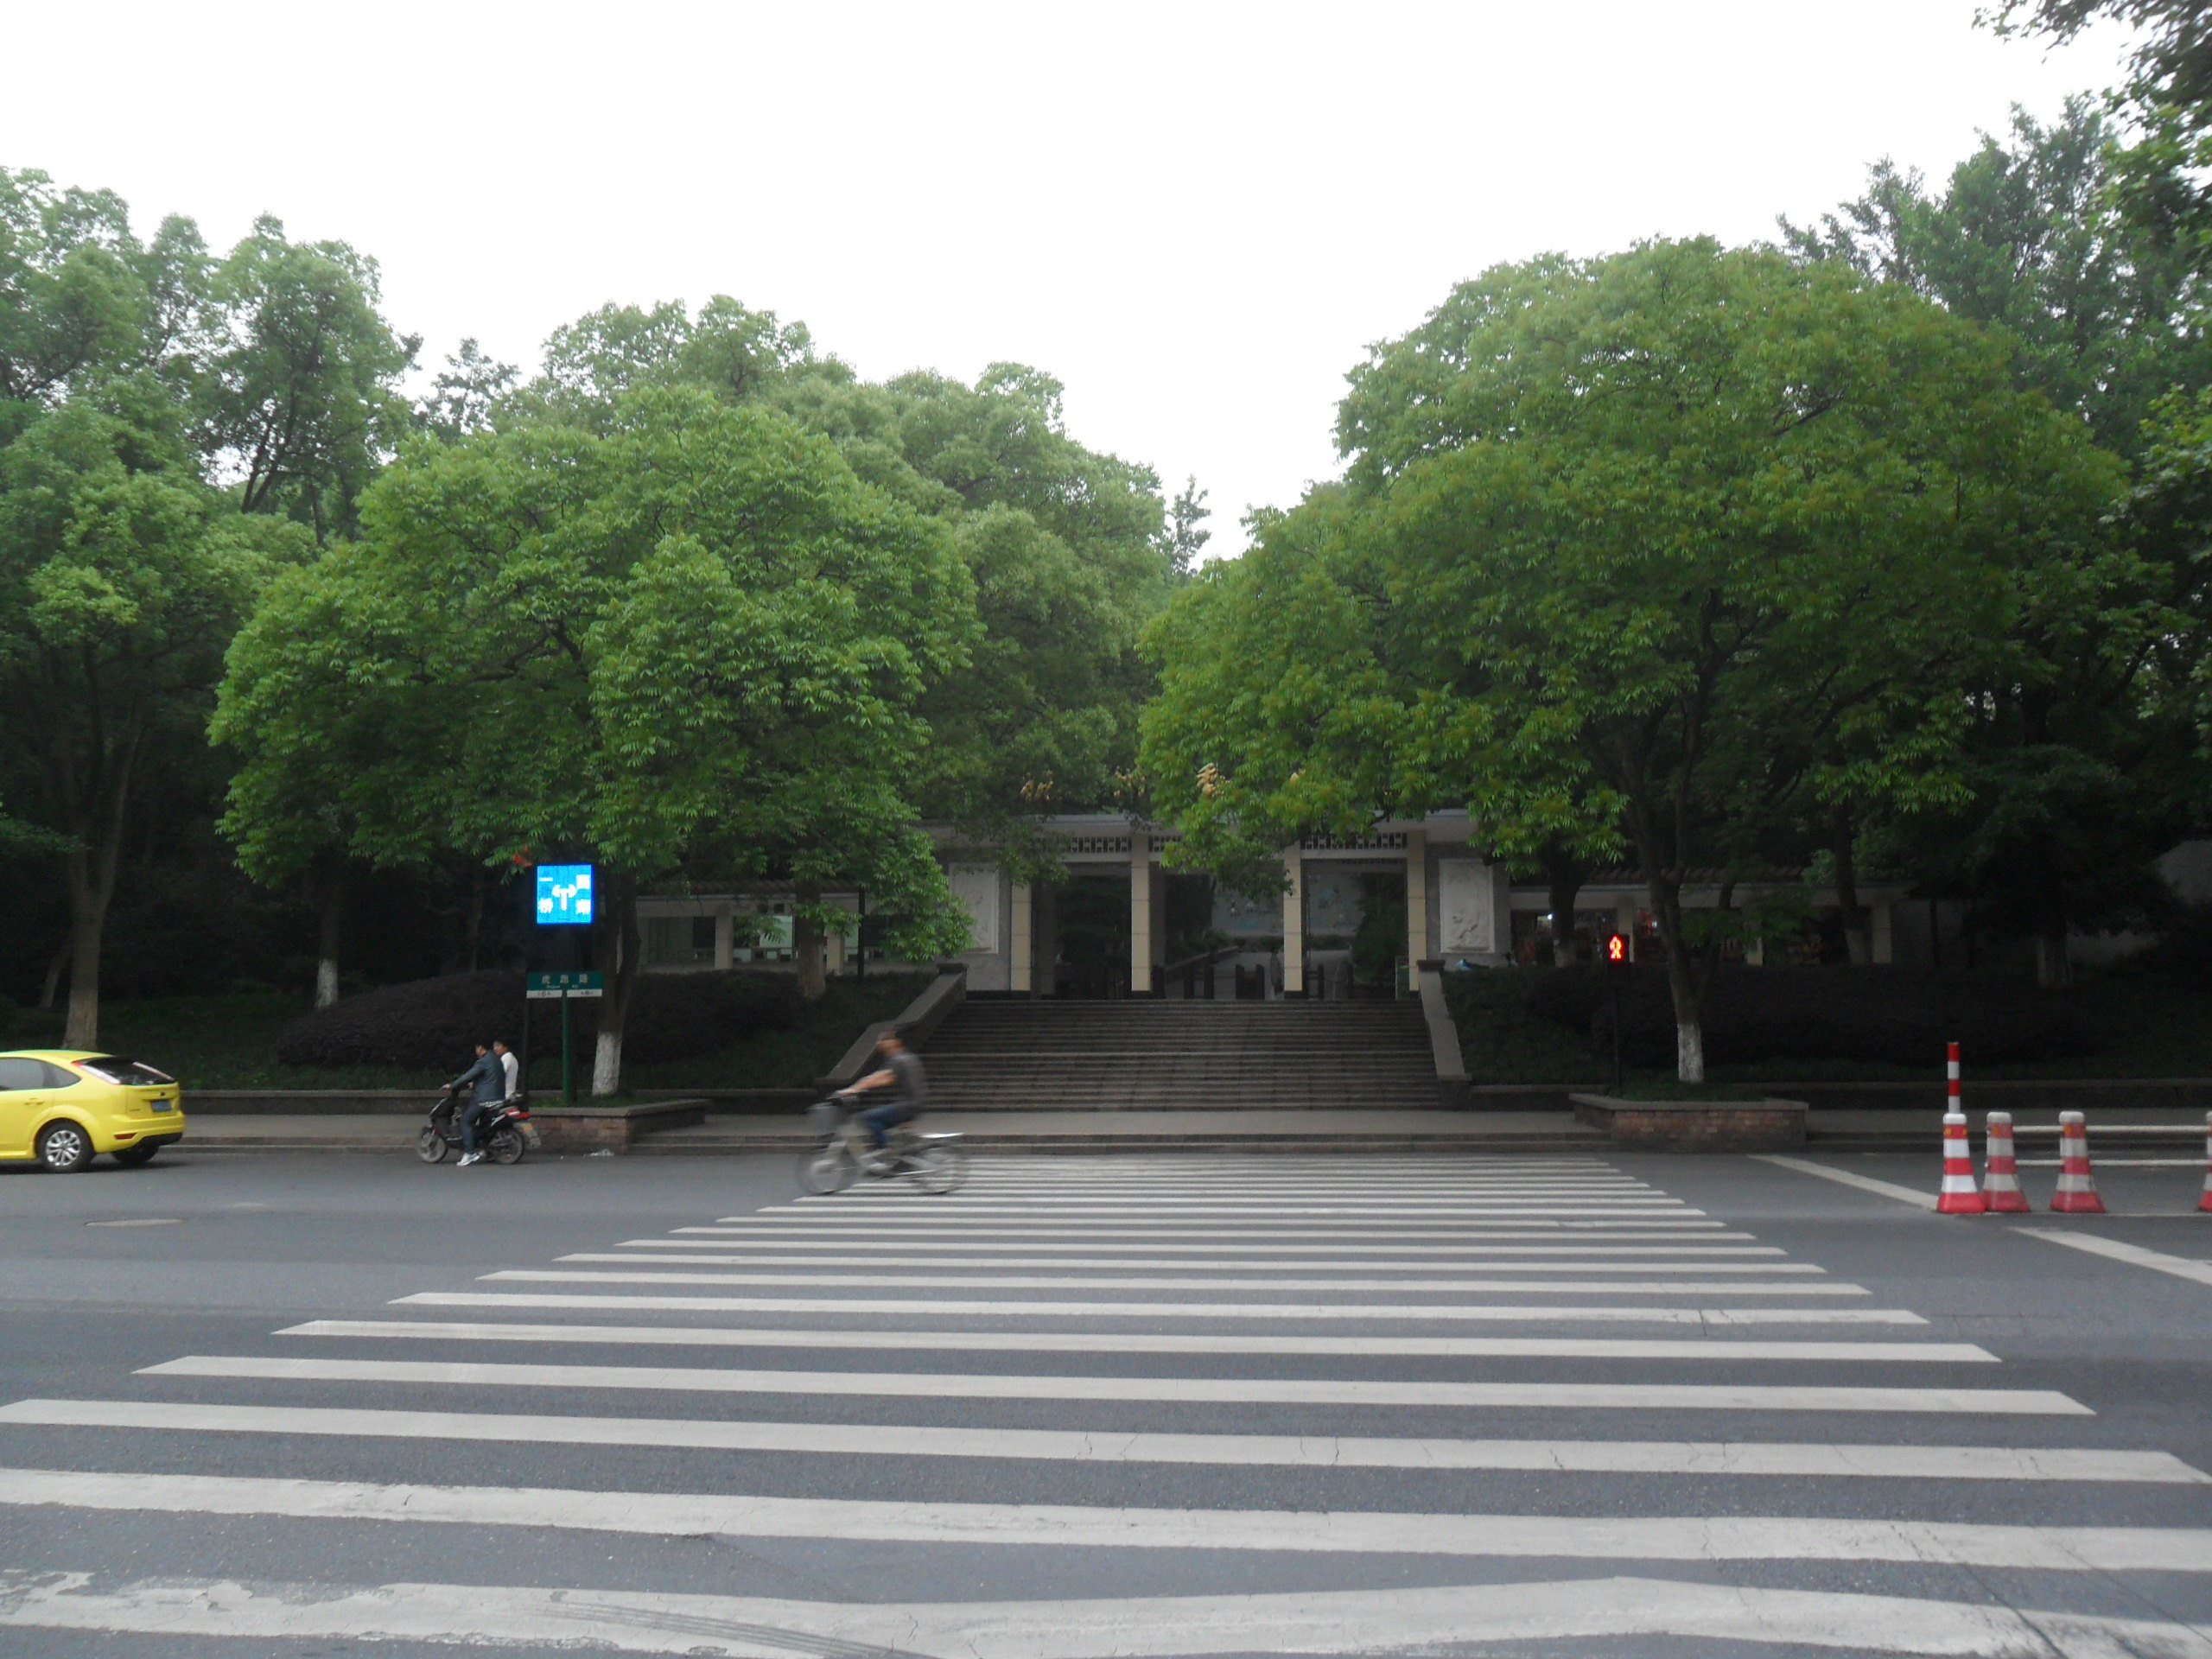 四眼井坐落于虎跑路交叉口,杭州动物园斜对面处,虎跑